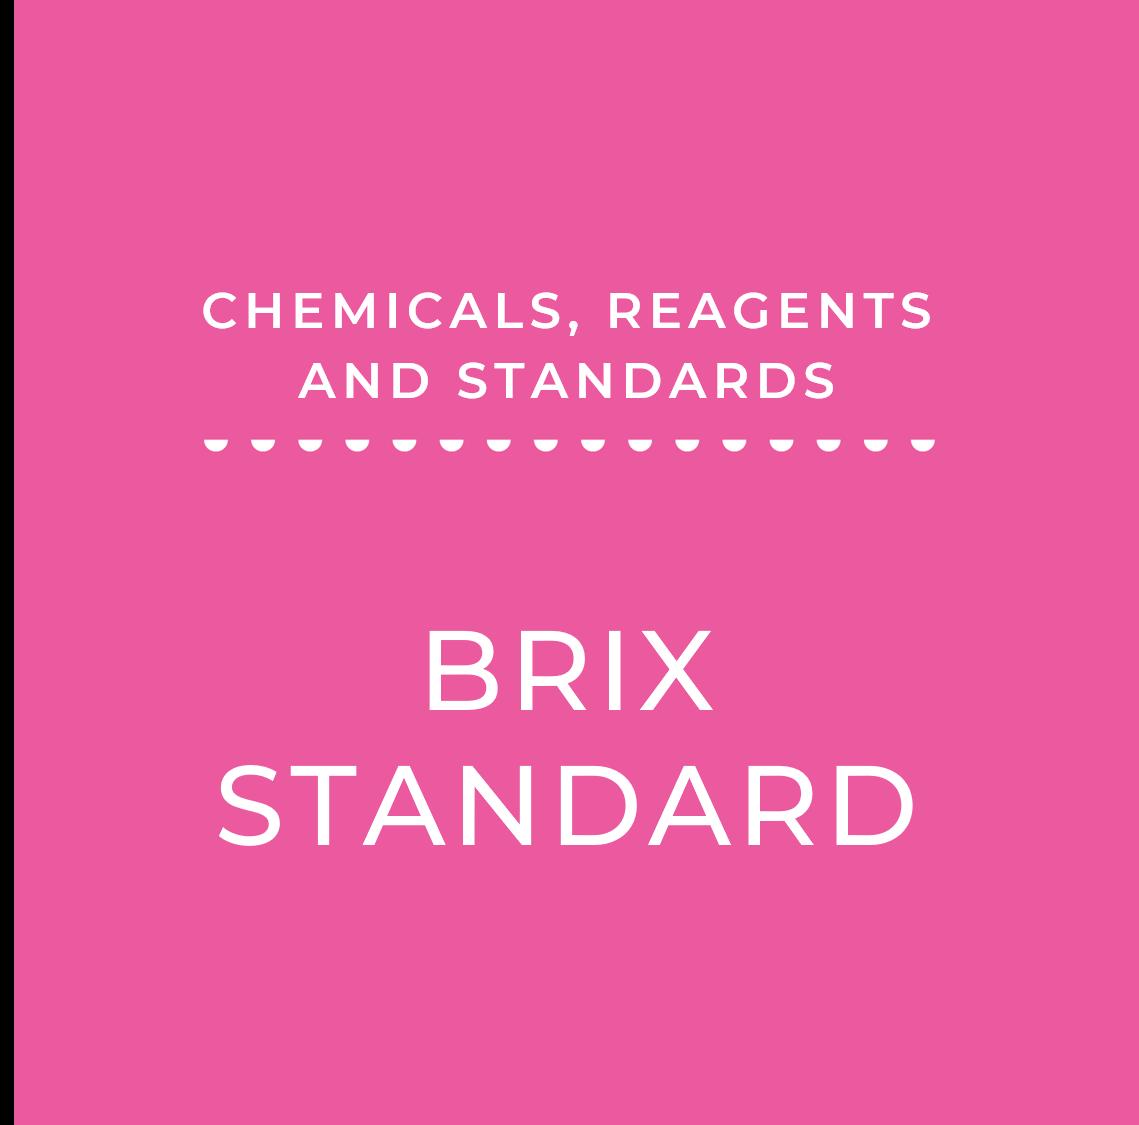 25 Brix Standard